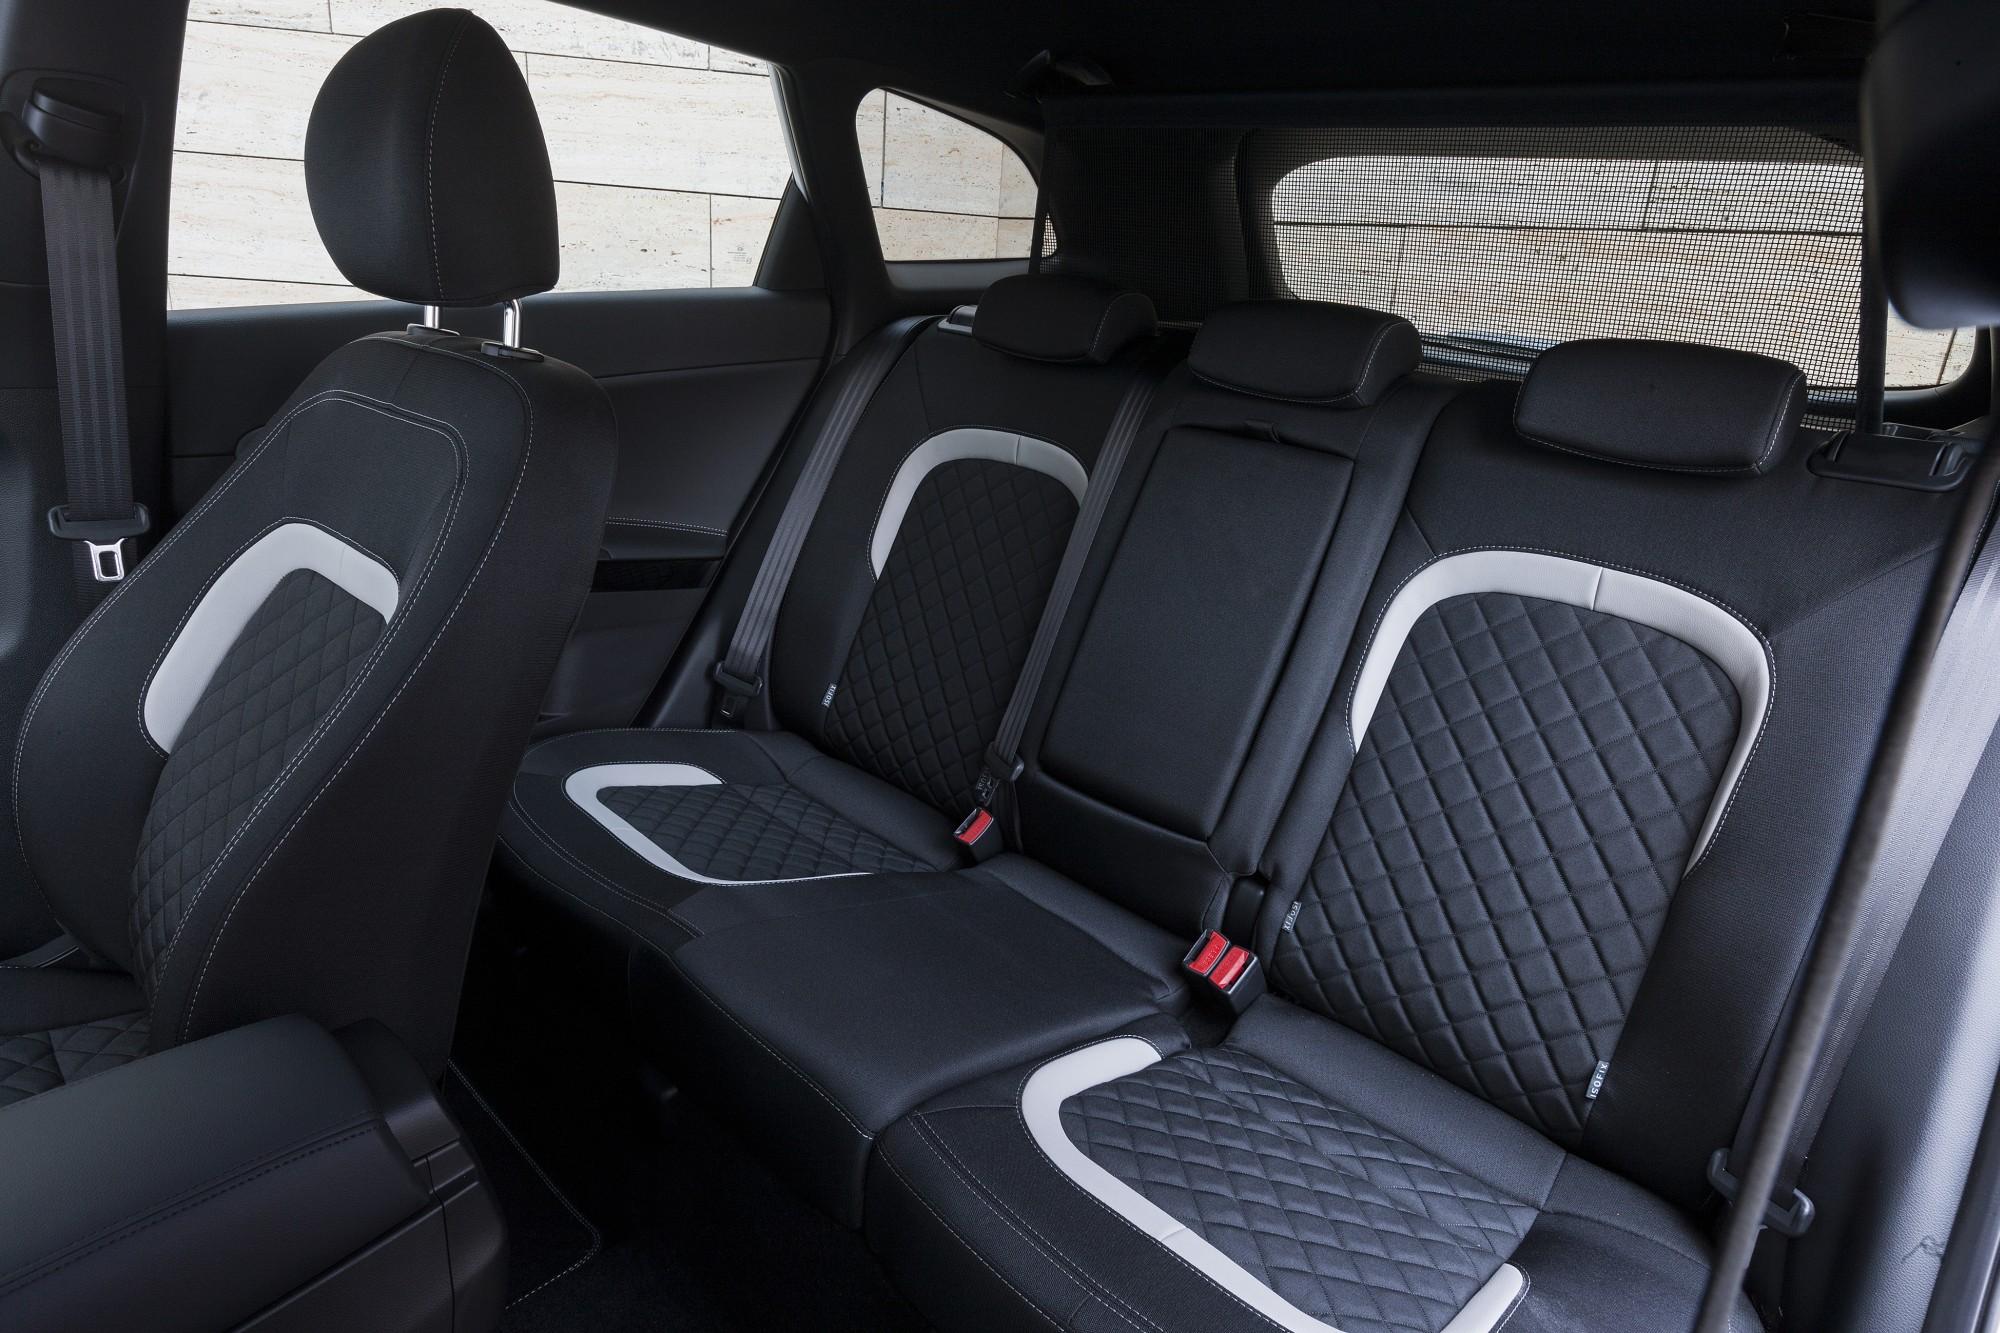 nova kia cee 39 d s novim 1 0 t gdi motorom novi automobili na hrvatskim cestama automobili. Black Bedroom Furniture Sets. Home Design Ideas